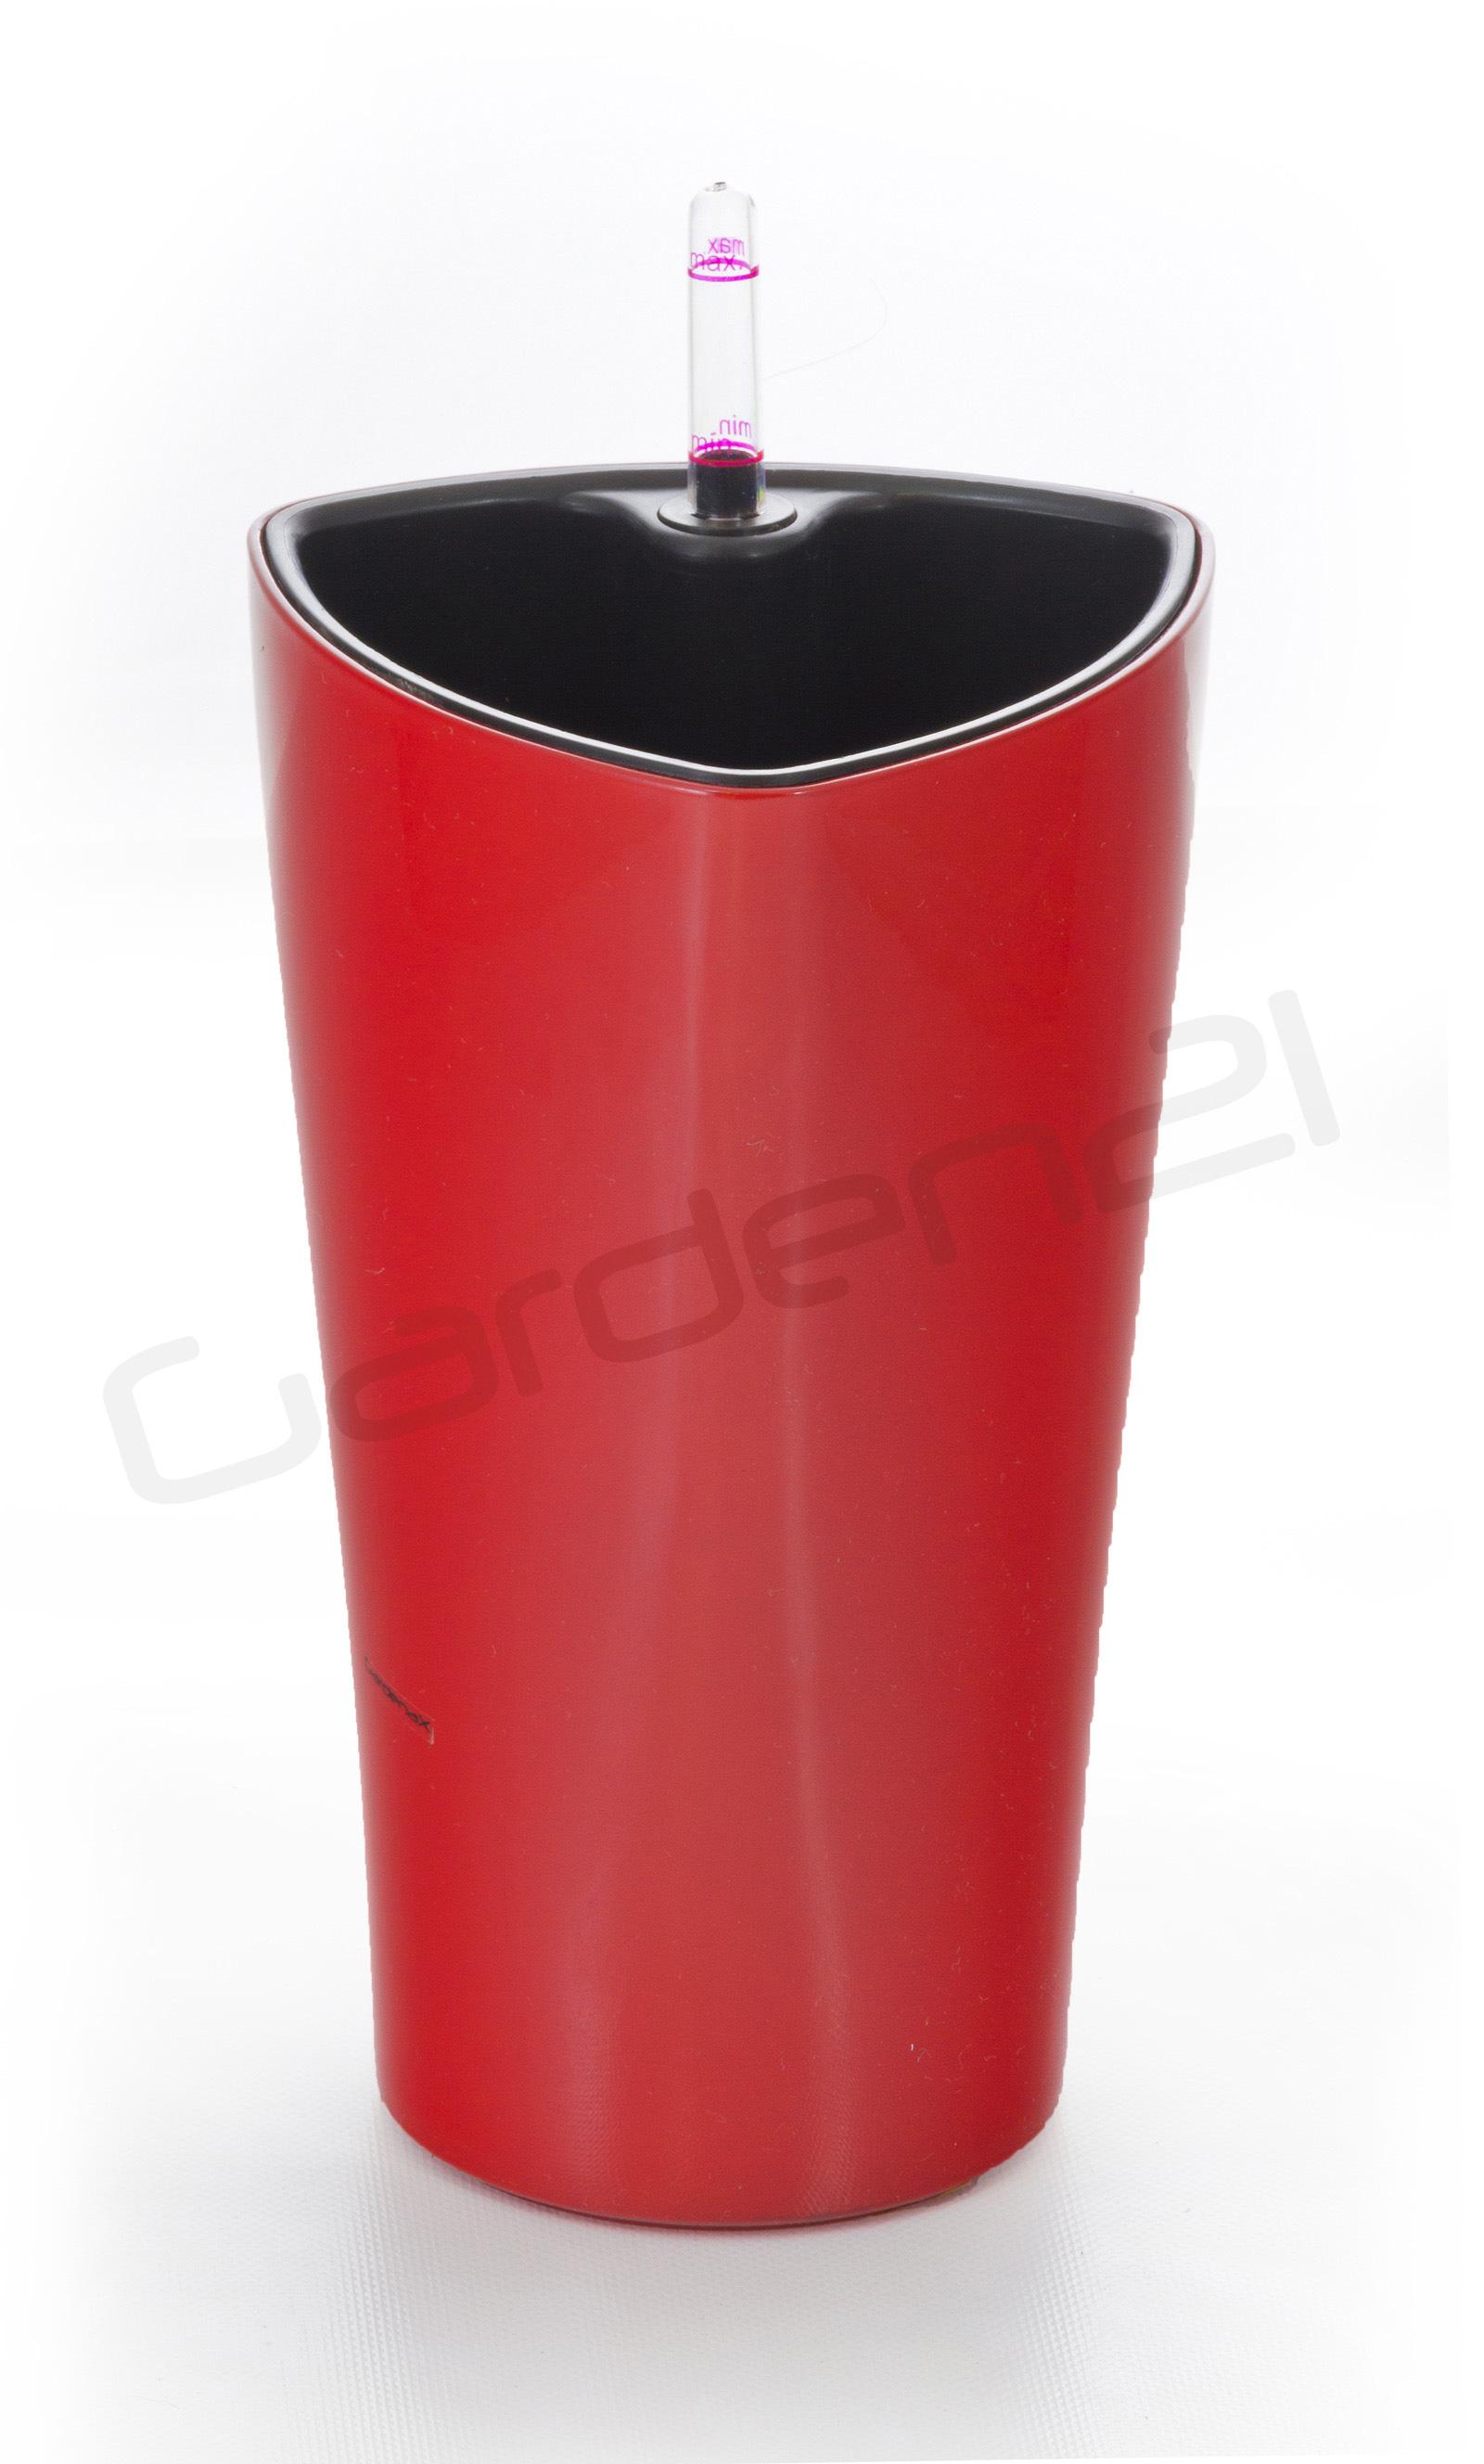 Samozavlažovací květináč G21 Trio mini červený 15cm